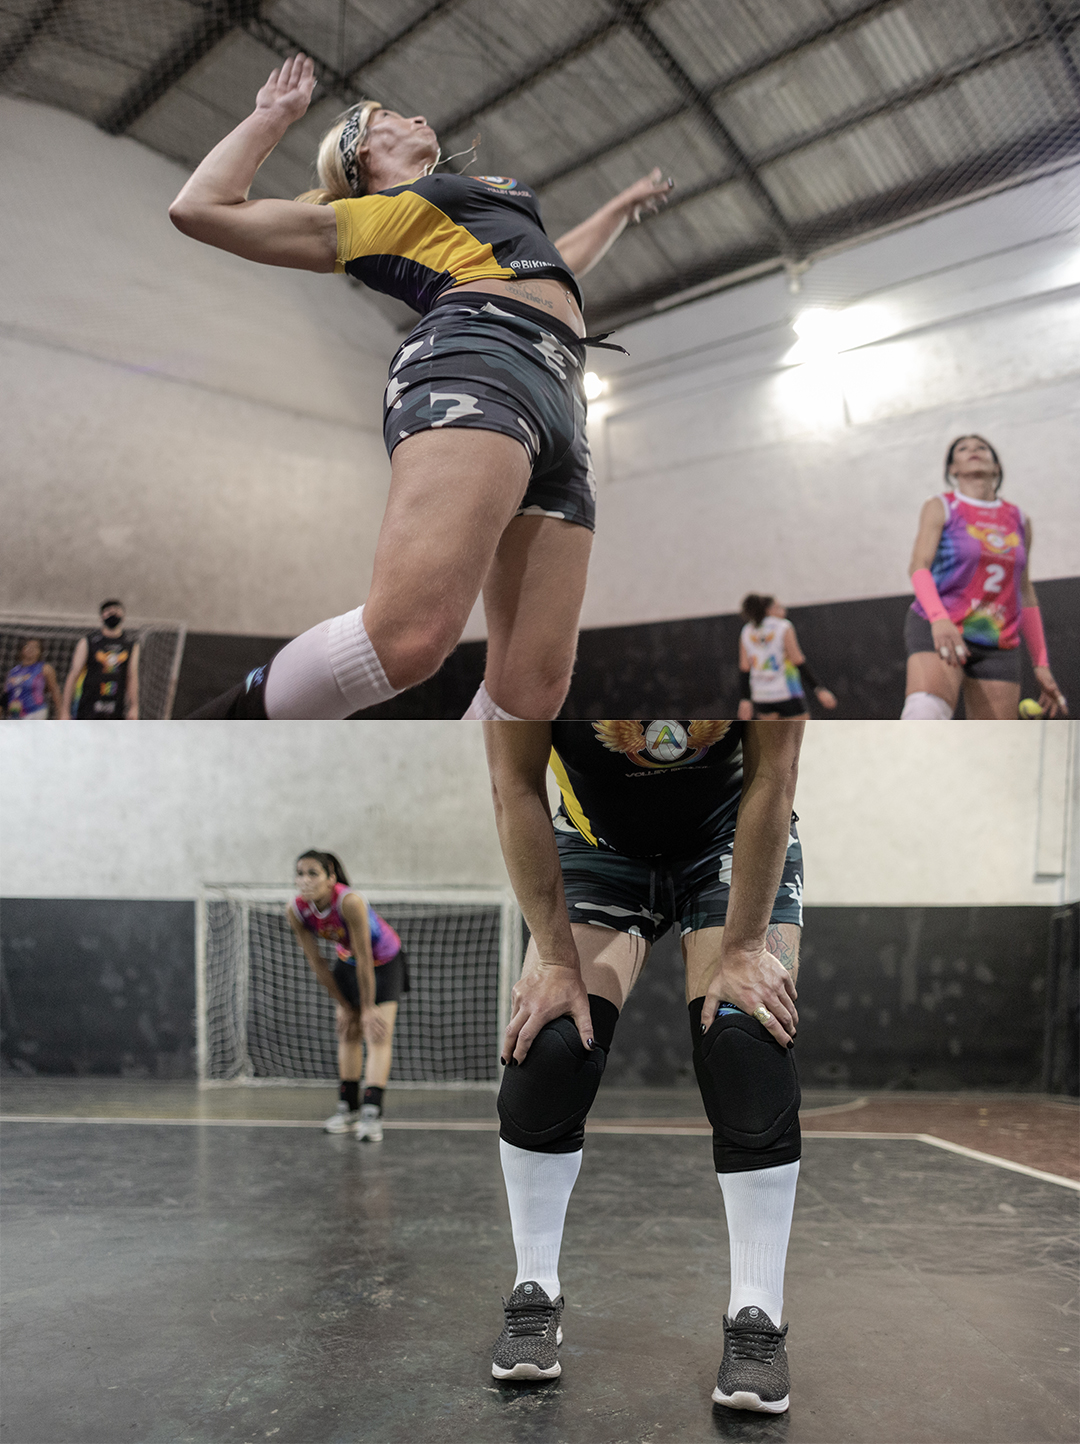 Aline corta bola contra o time adversário. Ela fez um teste para entrar no time Angels Volley Brazil e foi encaixada na turma de mulheres com prática em vôlei avançada.